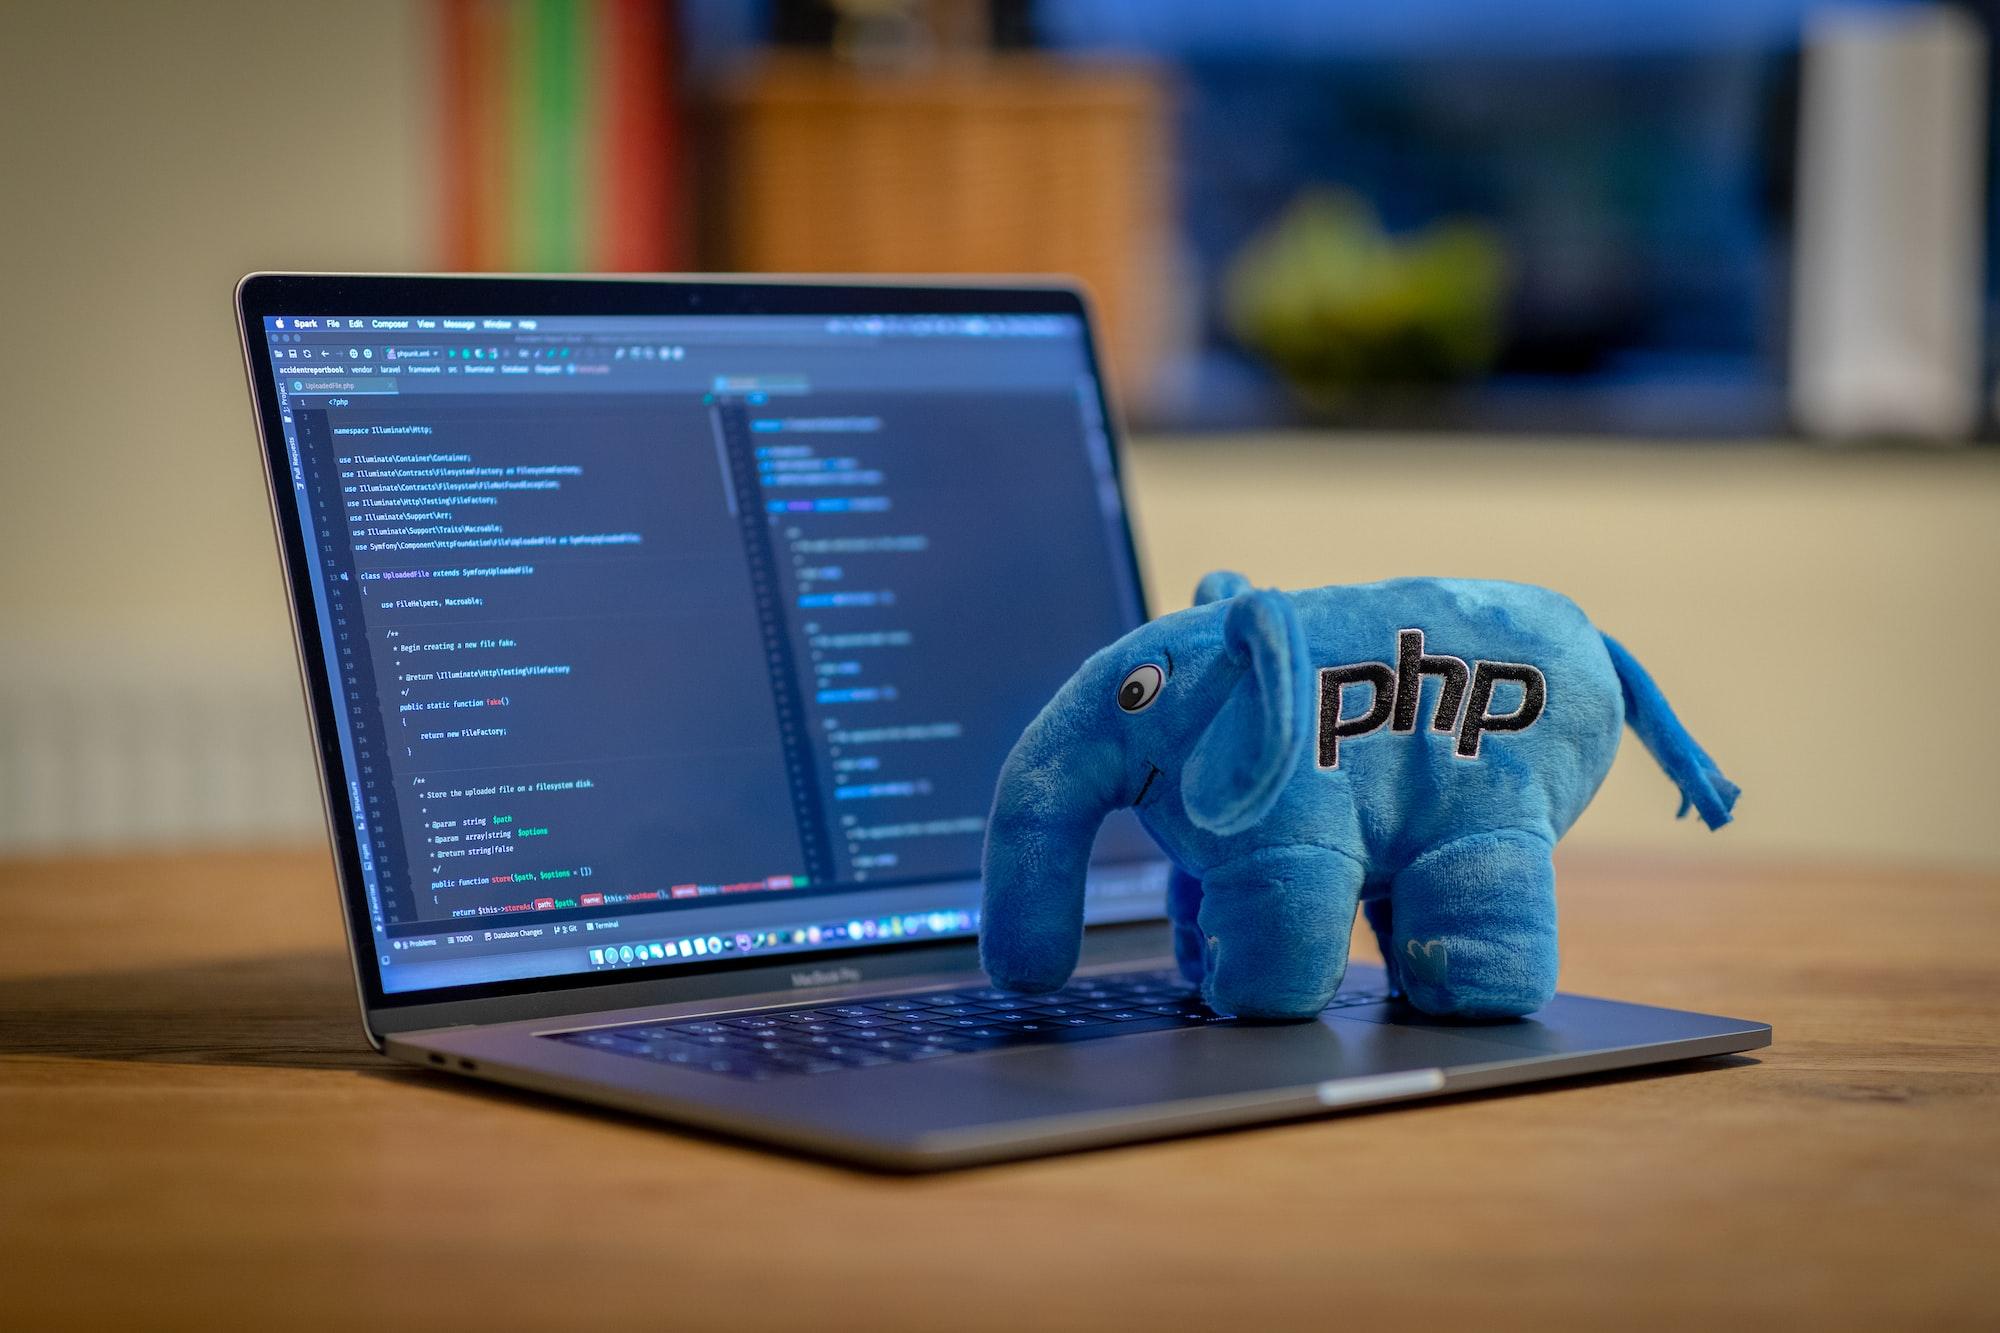 「エンジニア・プログラマにしか使えないSNS」を見るphpプログラム